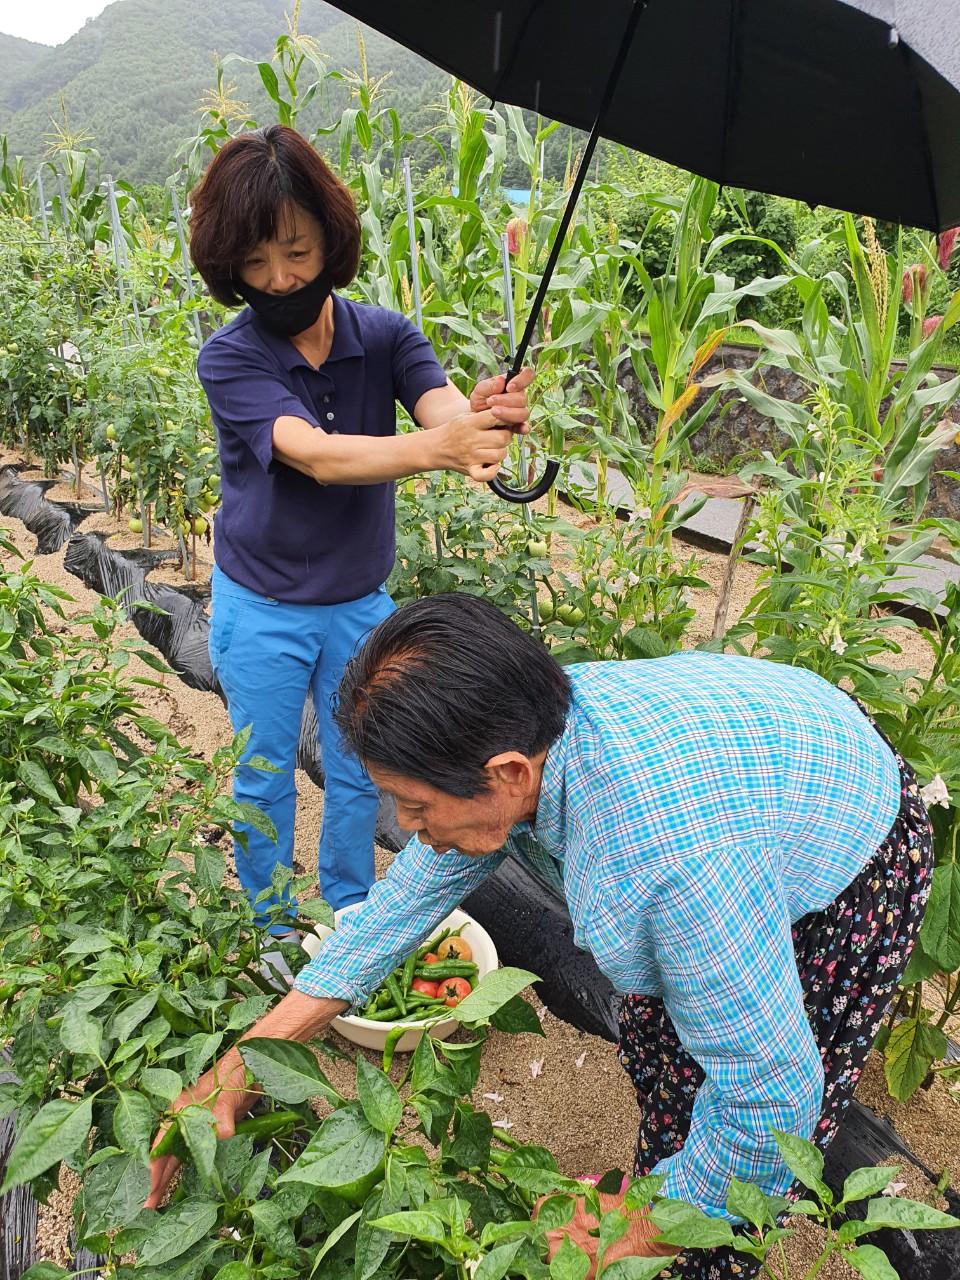 2020년 7월, 박필근 할머니가 텃밭에서 직접 기른 채소를 따고 있다 ⓒ포항여성회